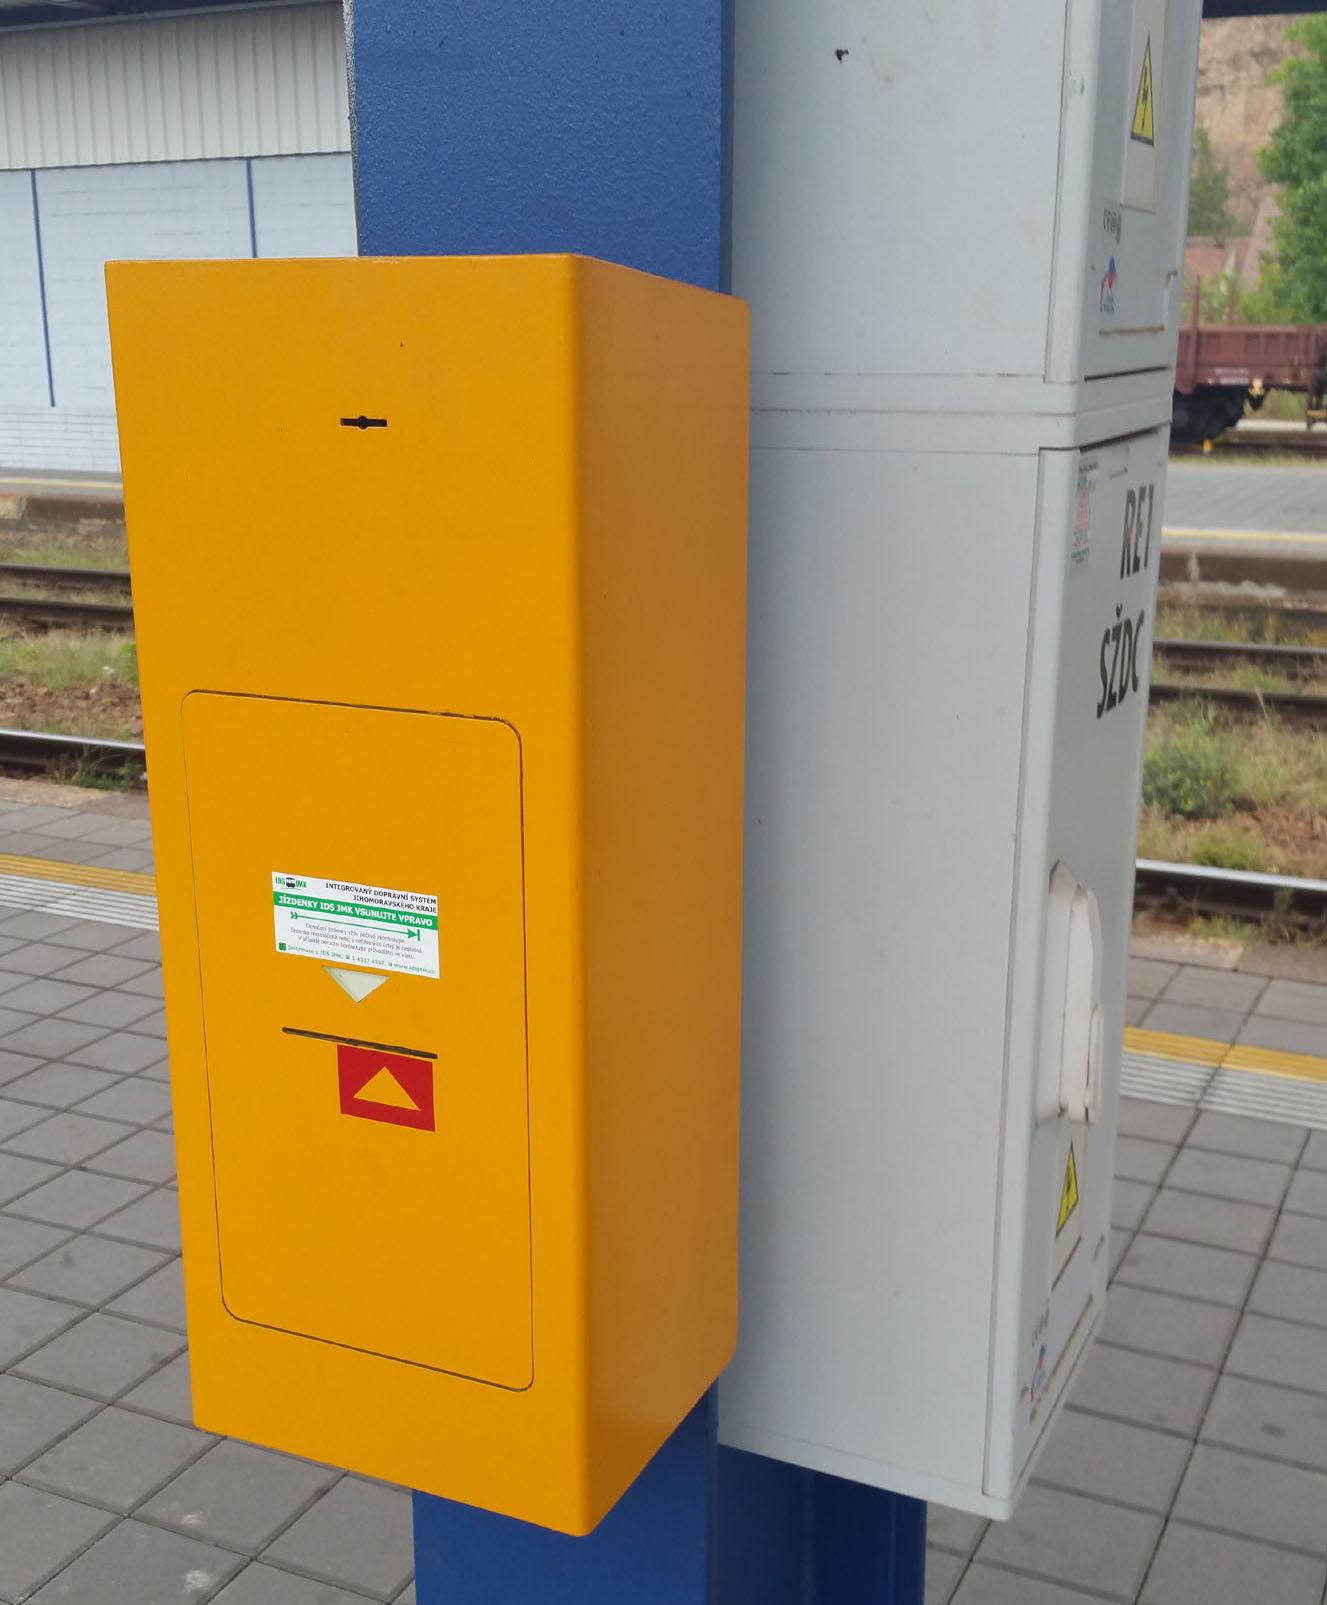 Označovač jízdenek IDS-JMK na nástupišti, zde nádraží Královo Pole